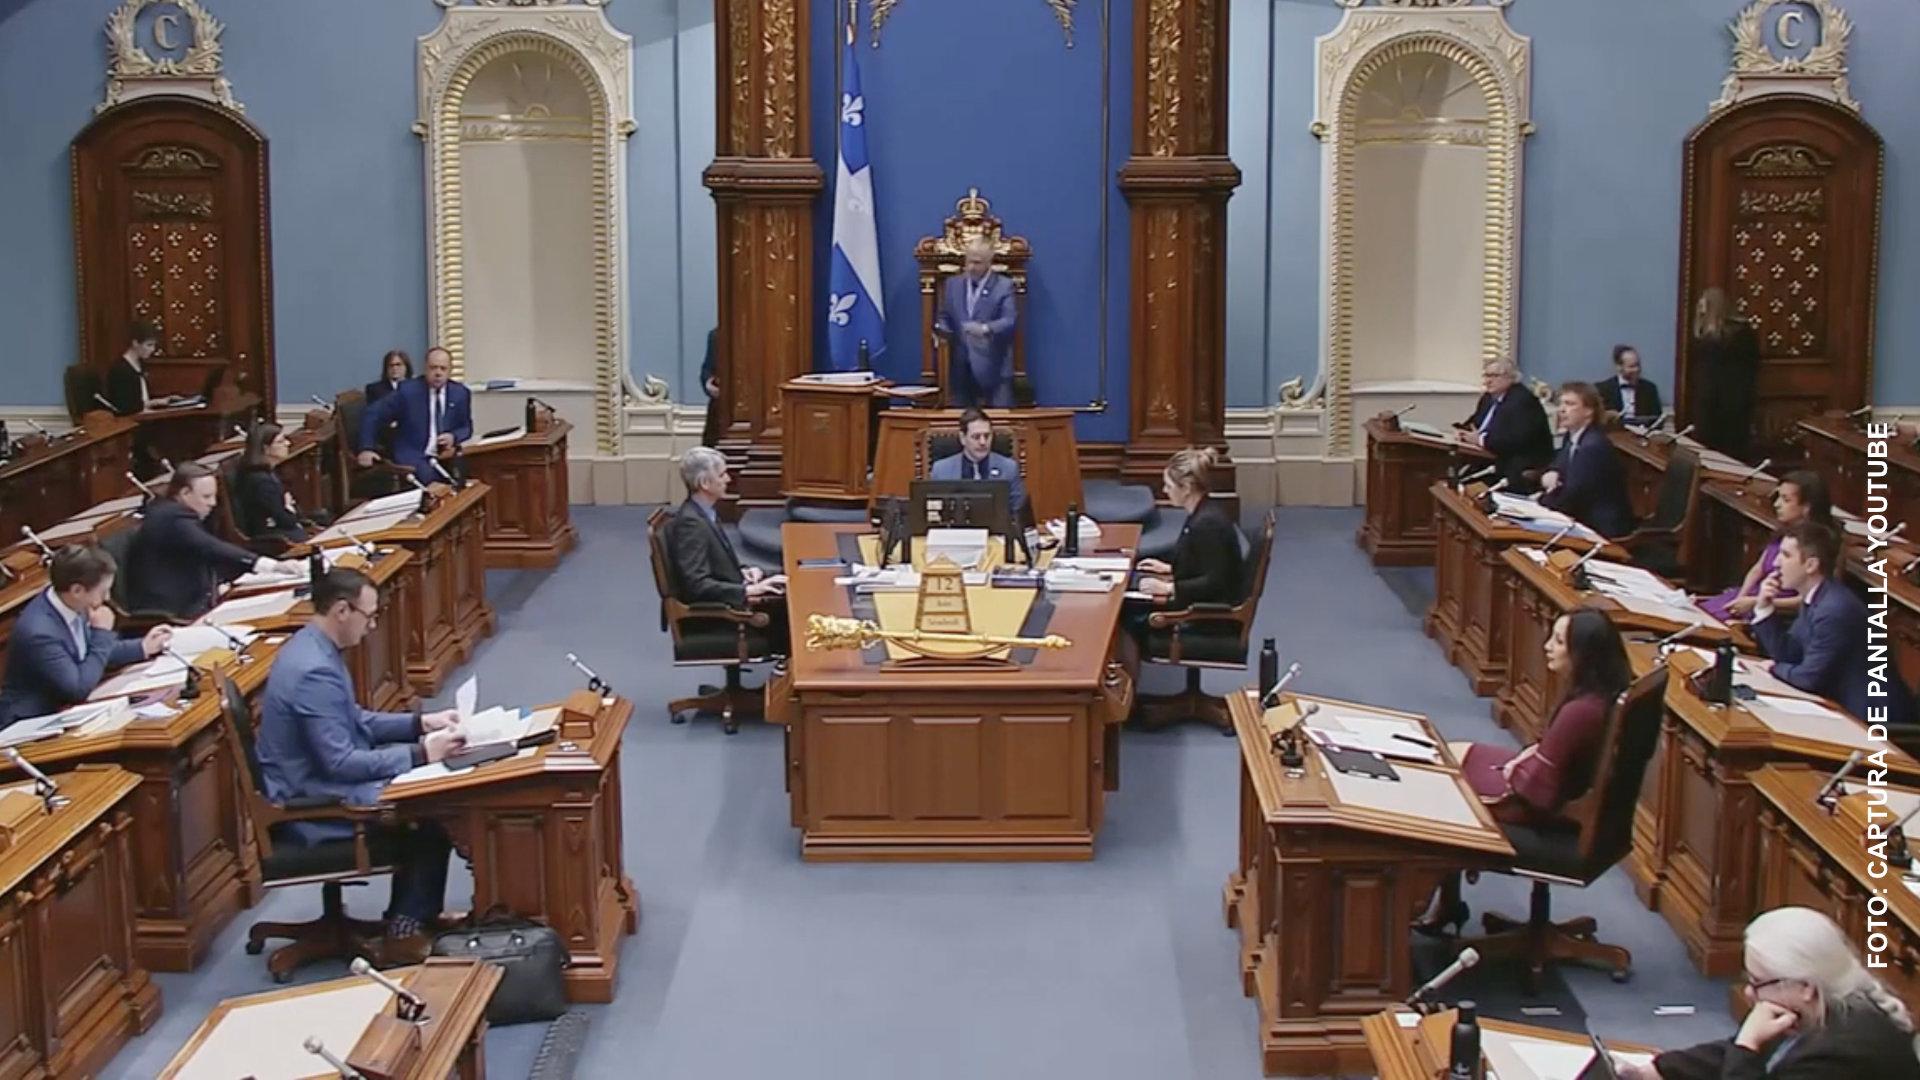 Frenan, por el momento, el proyecto de ley 61 en Quebec